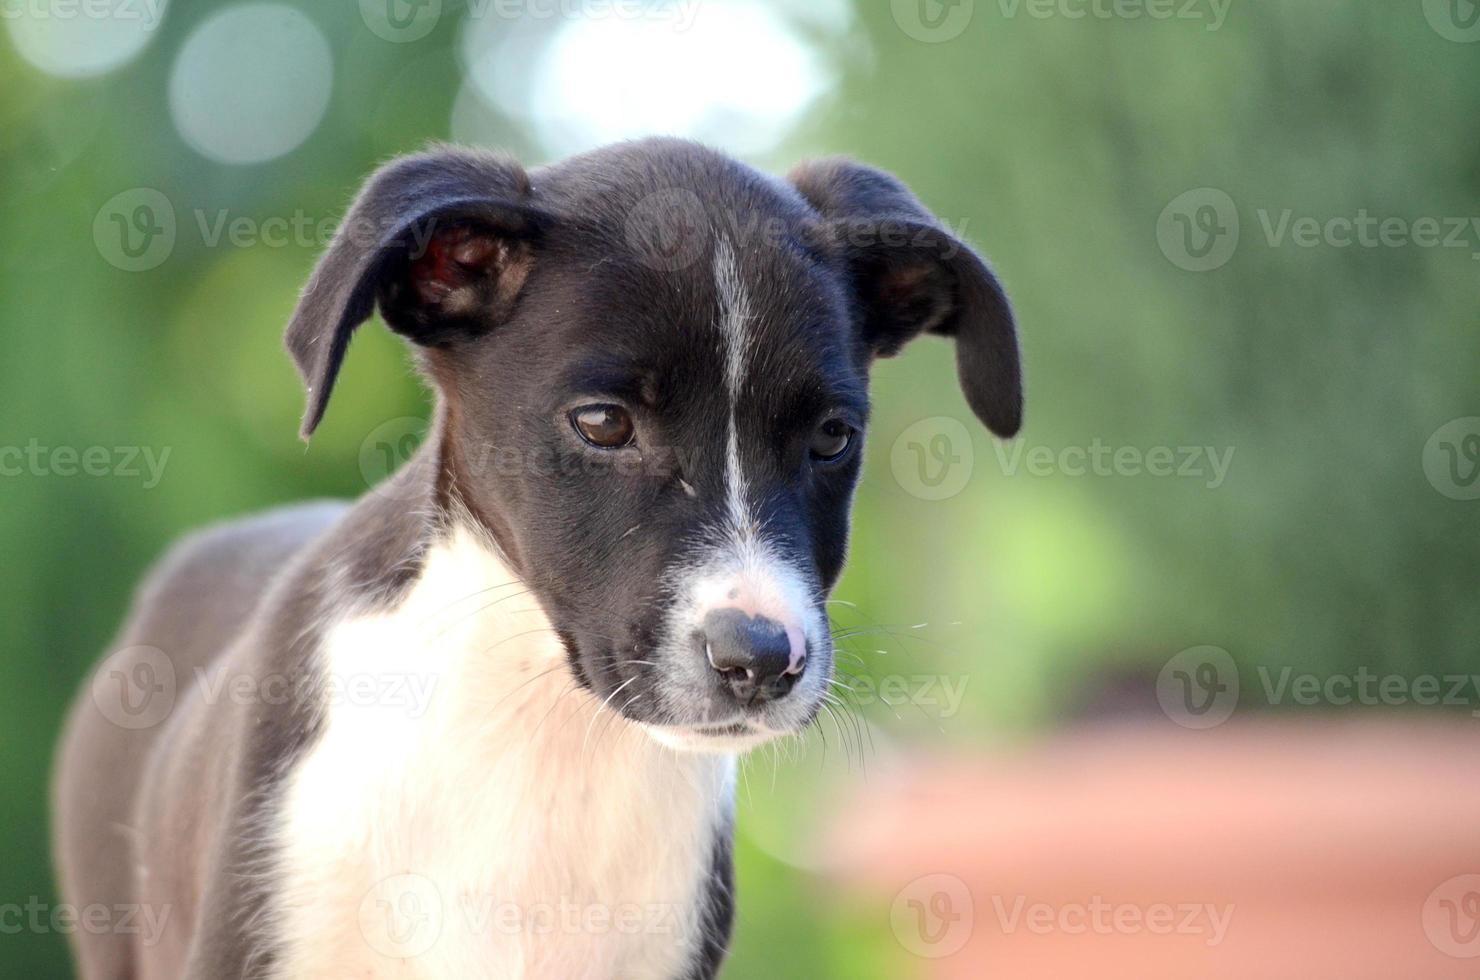 cachorros fofos de cachorro amstaff, tema animal foto